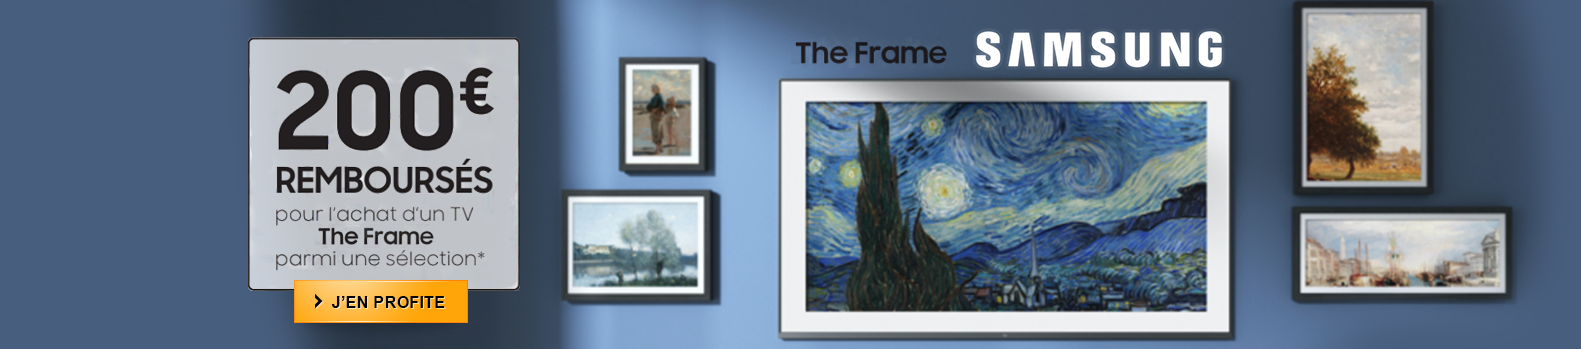 Jusqu'a 200€ remboursés sur les téléviseurs Samsung The Frame